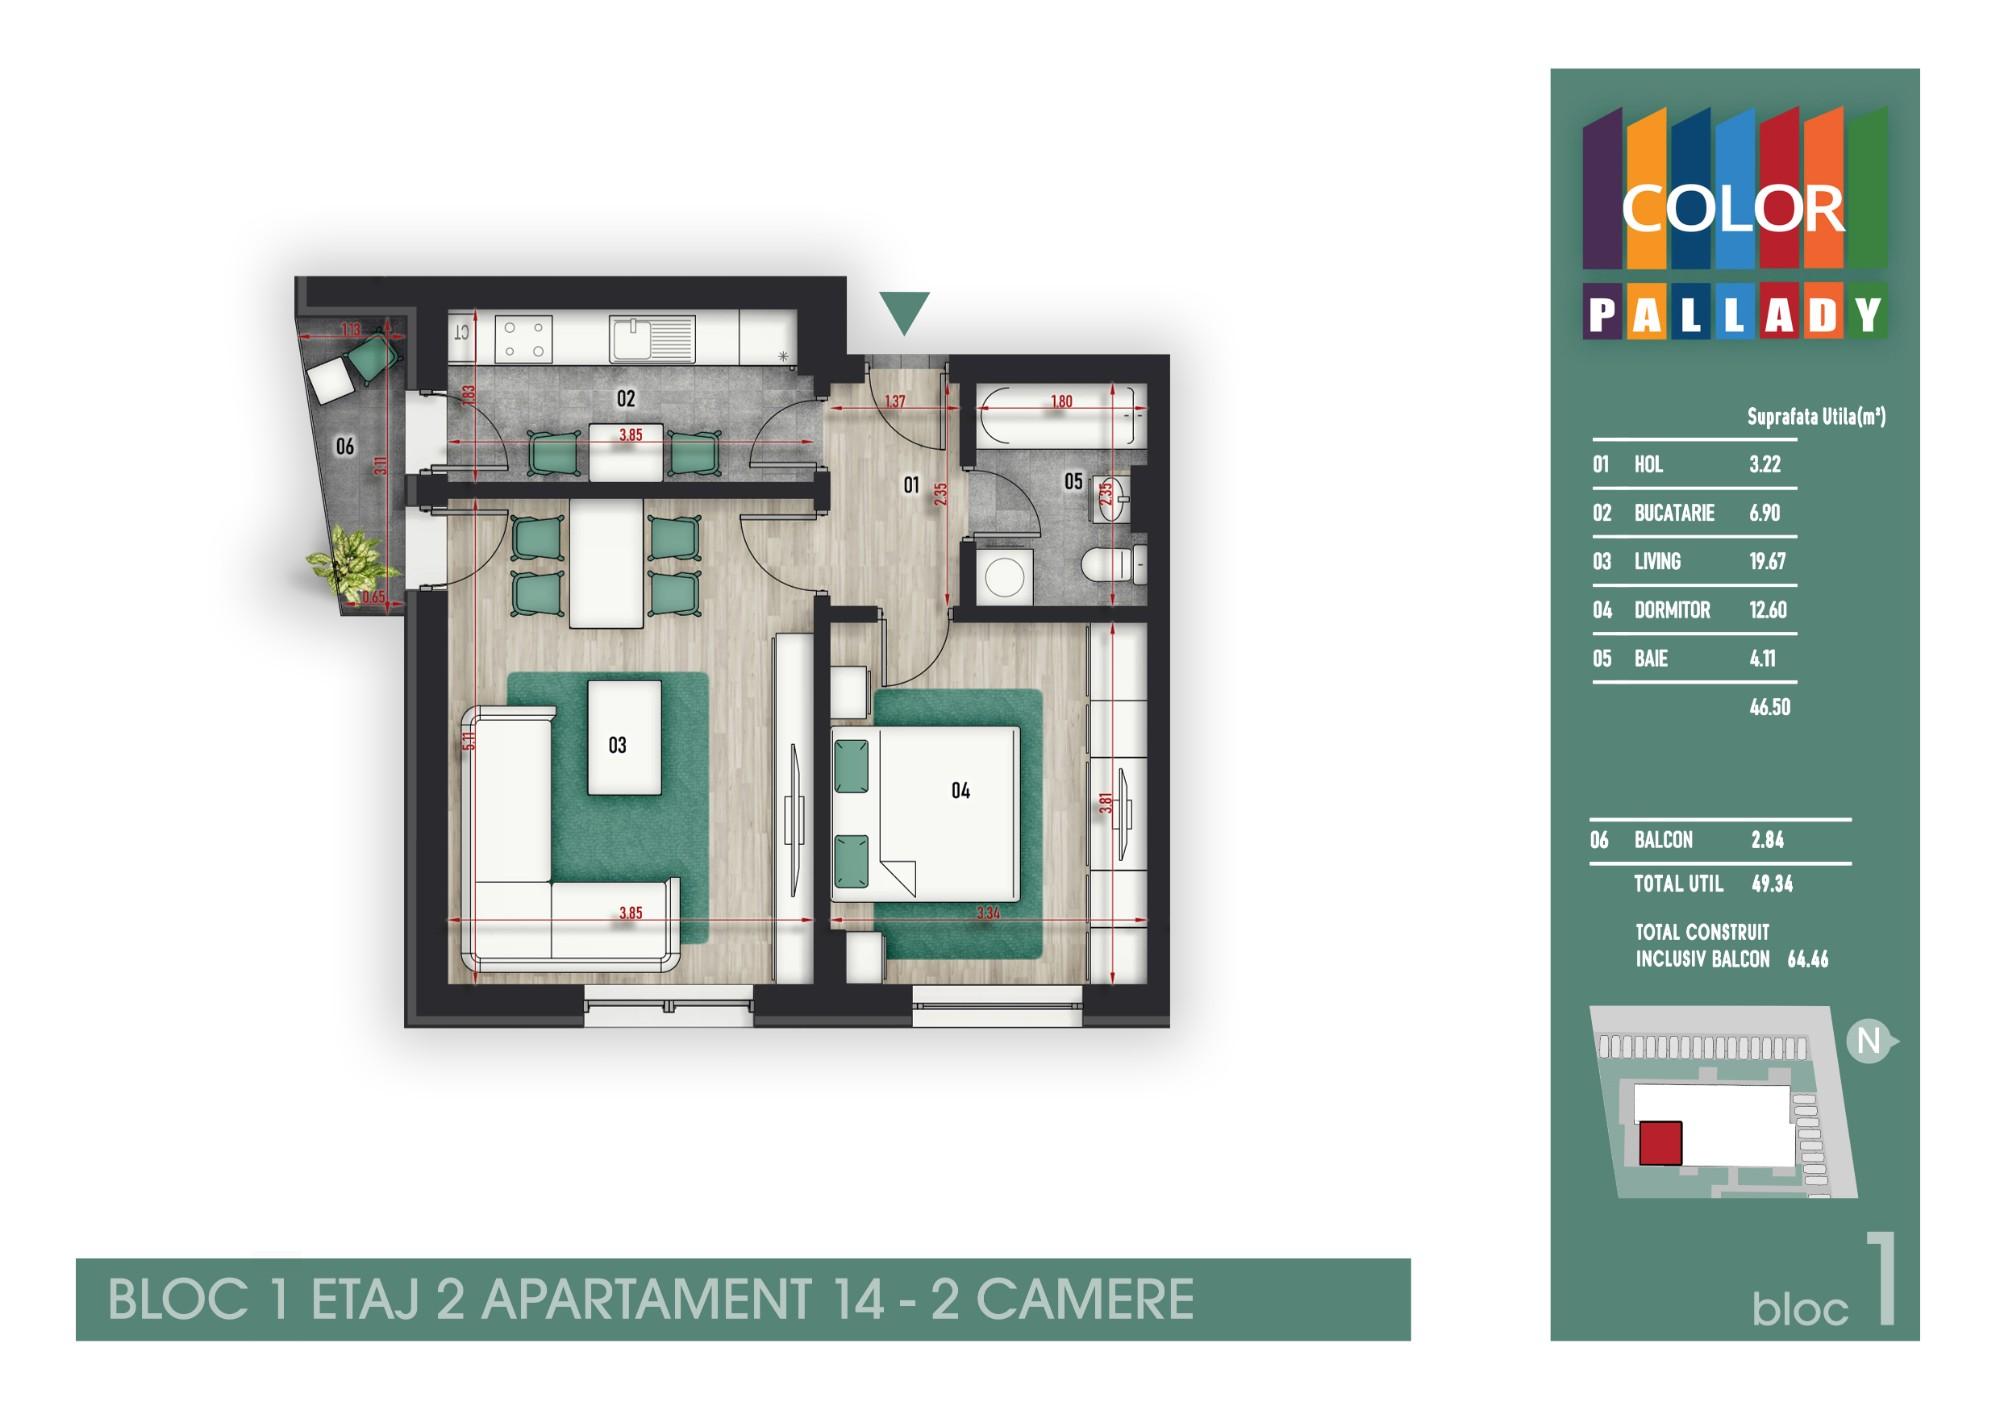 Bloc 1 - Etaj 2 - Apartament 14